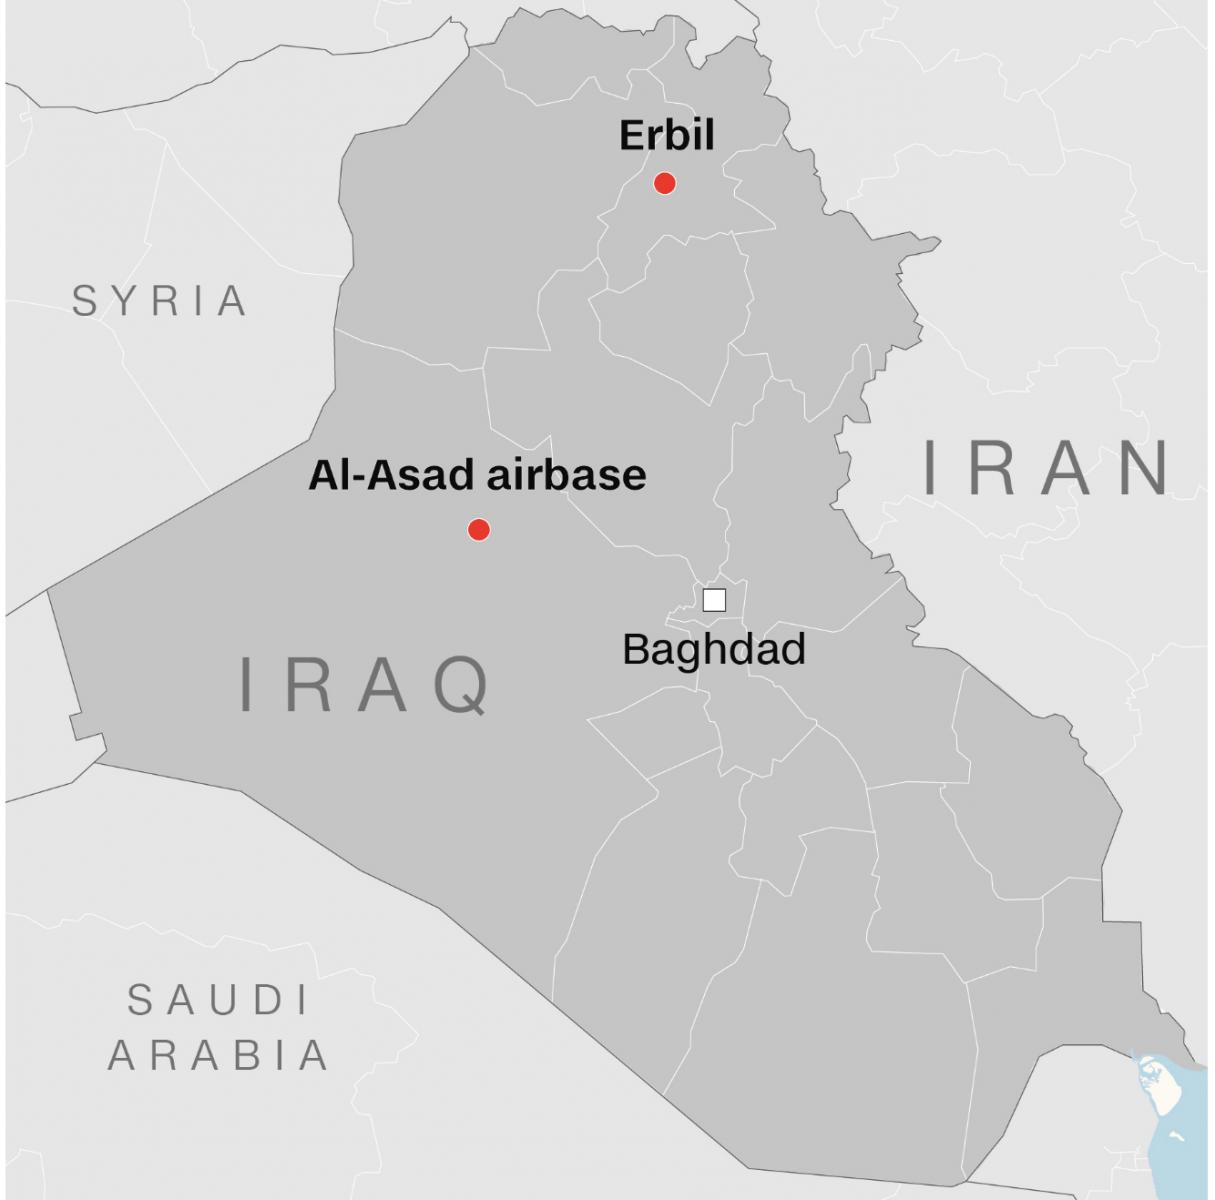 伊朗向伊拉克美军基地发射弹道导弹_图1-2